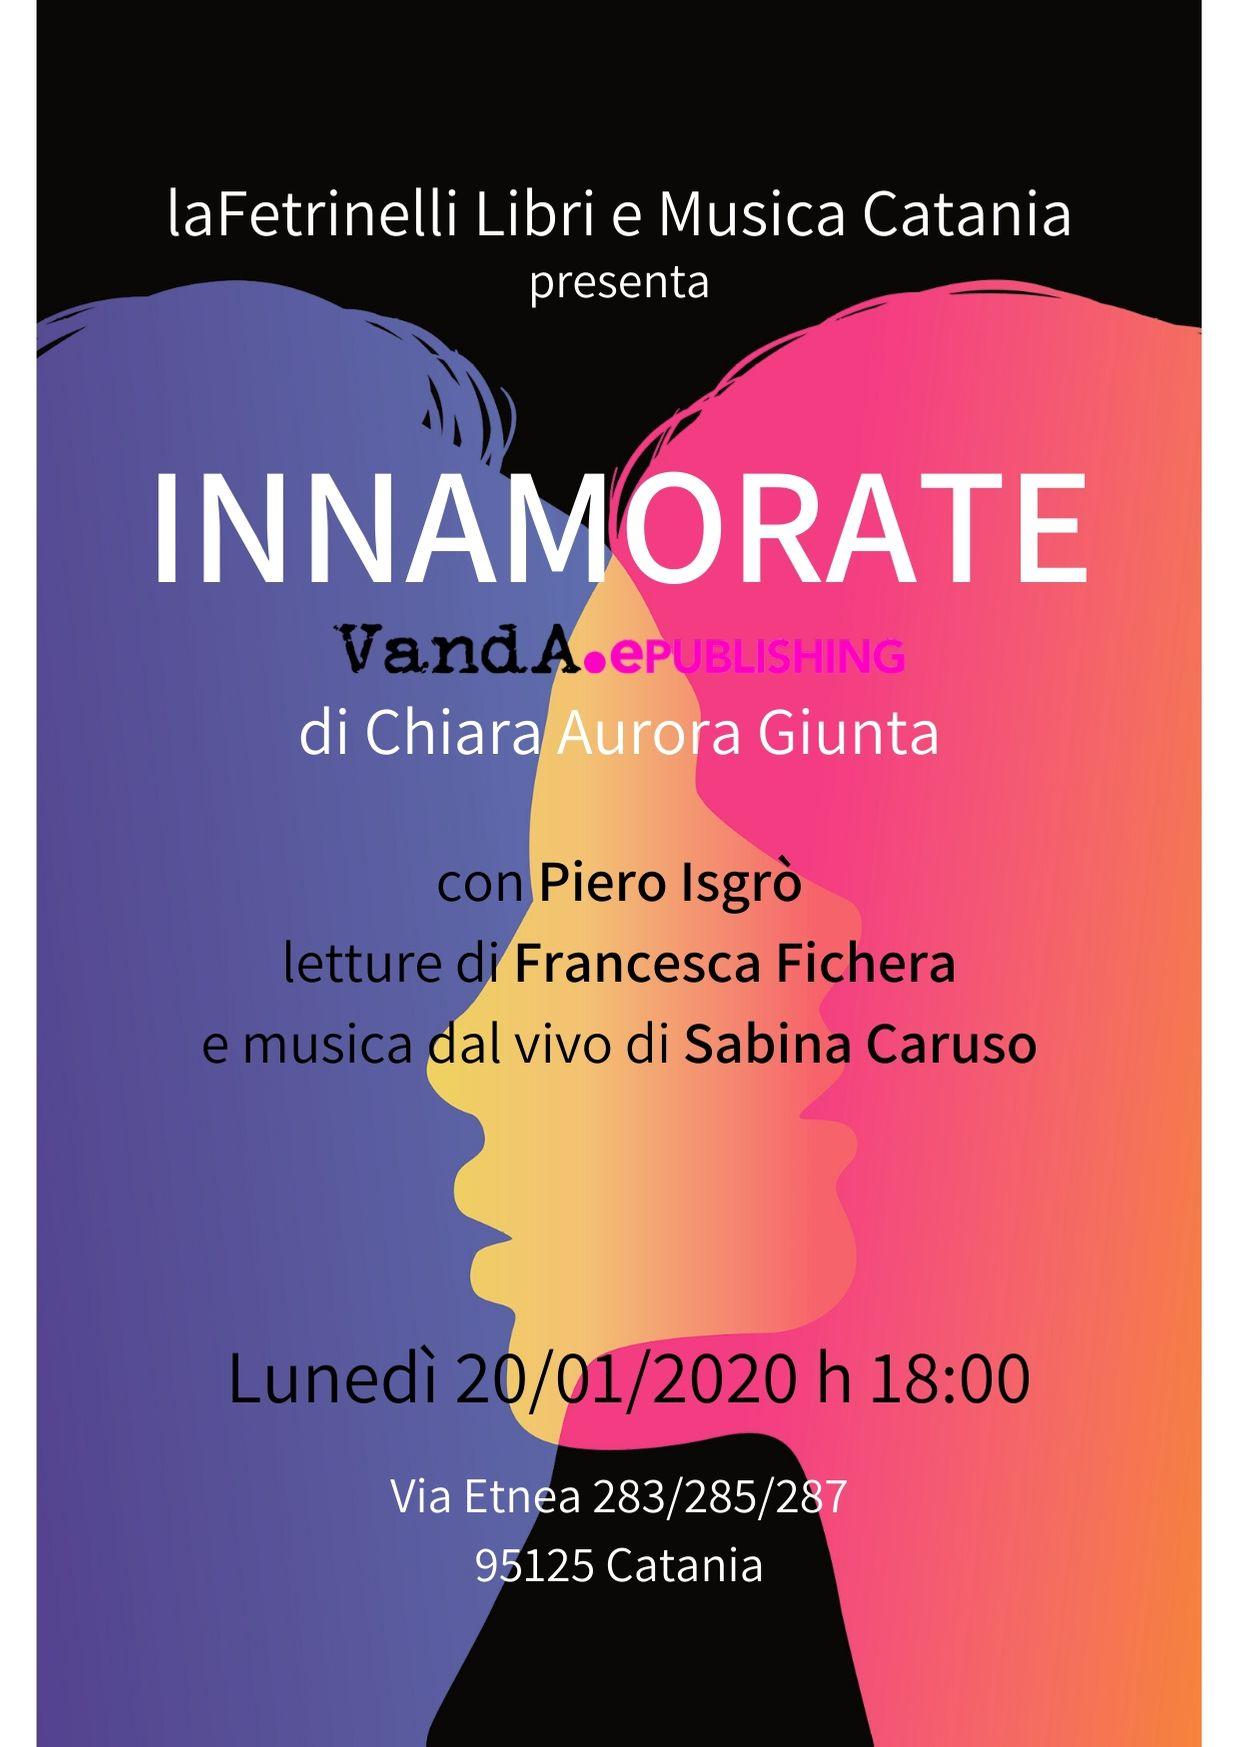 Presentazione Innamorate laFeltrinelli di Catania